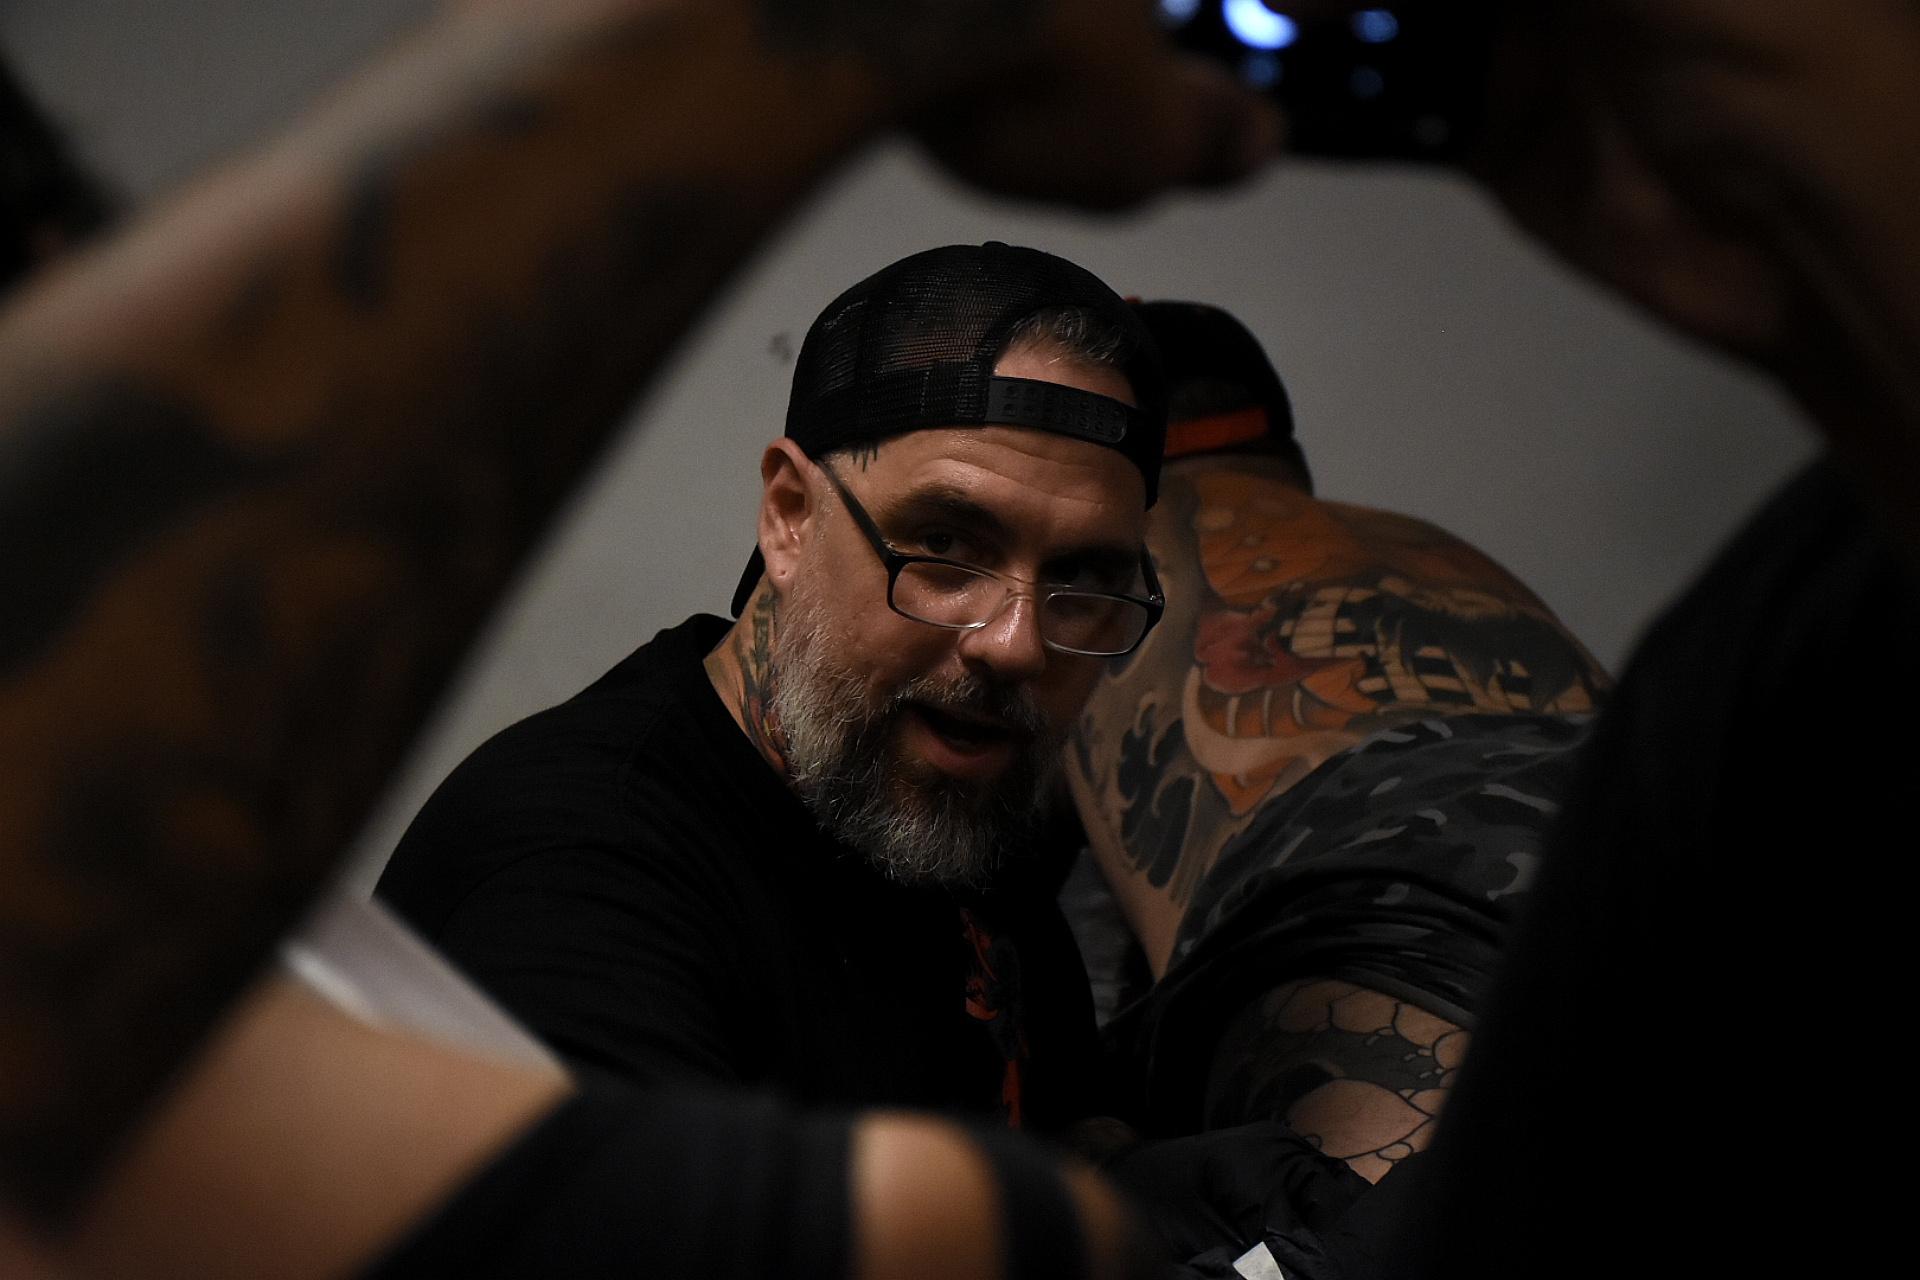 Hernán Coretta, artista argentino de los más reconocidos del mundo en el estilo Oriental, dio un seminario durante el Tattoo Show